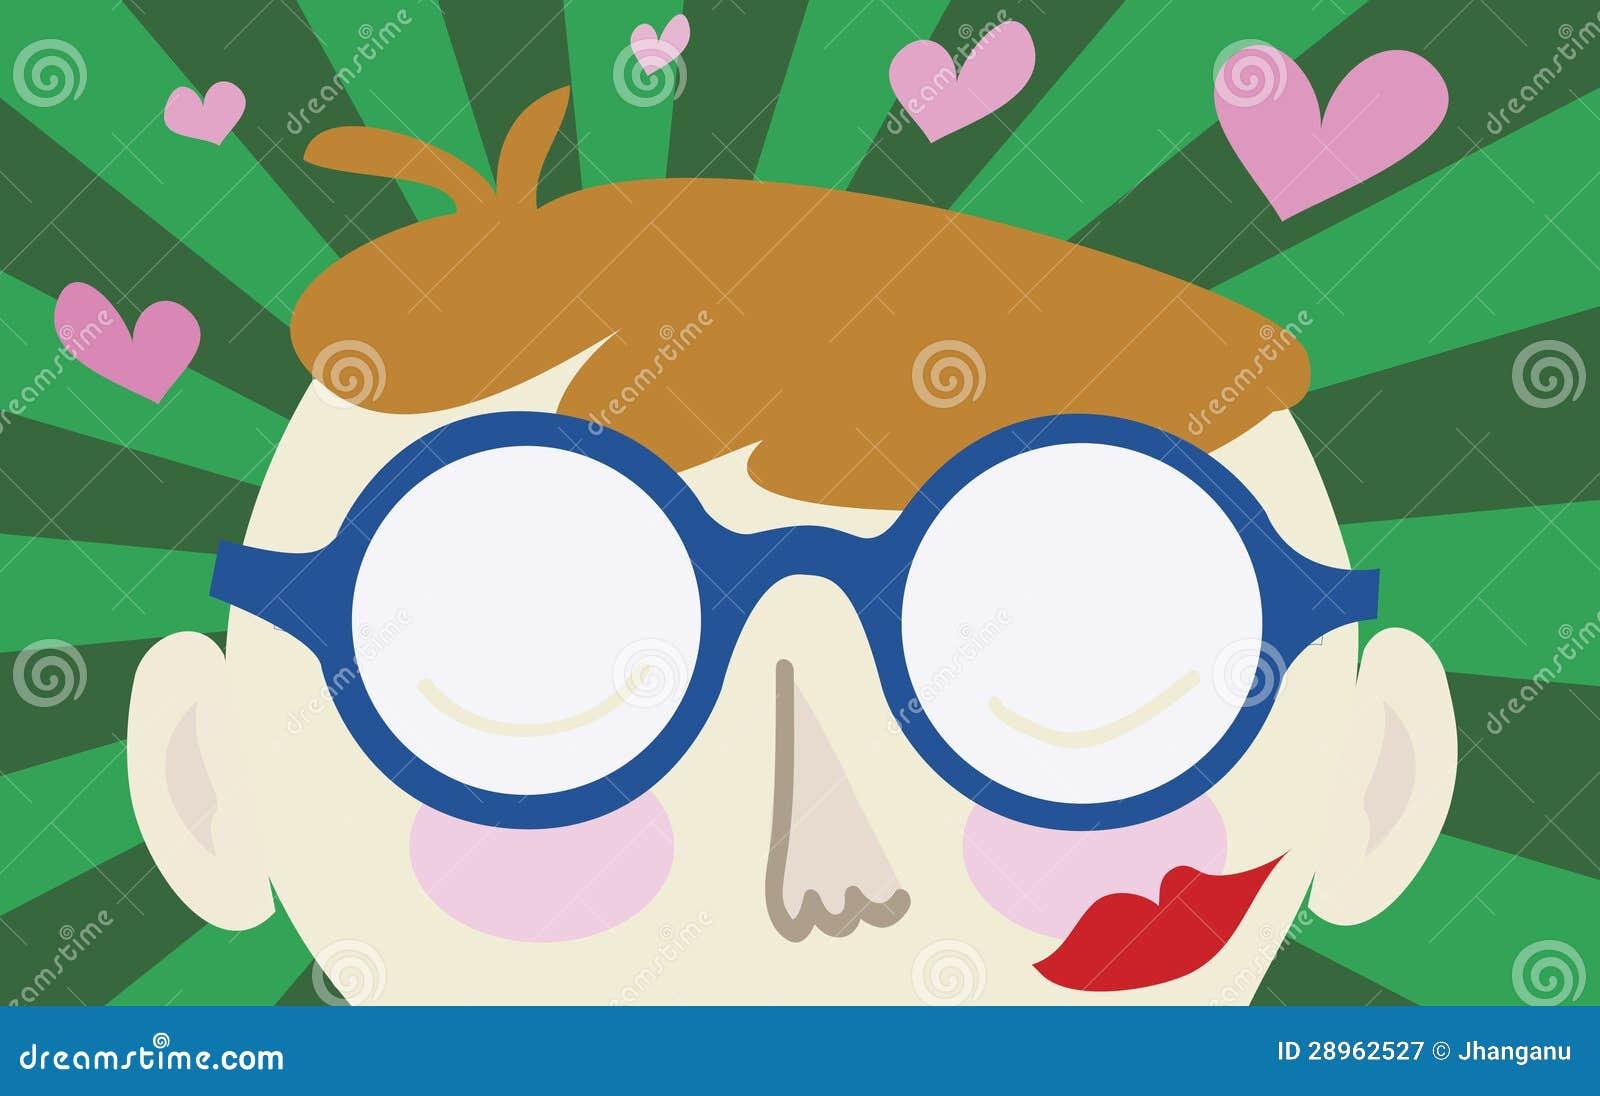 Geek falling in love